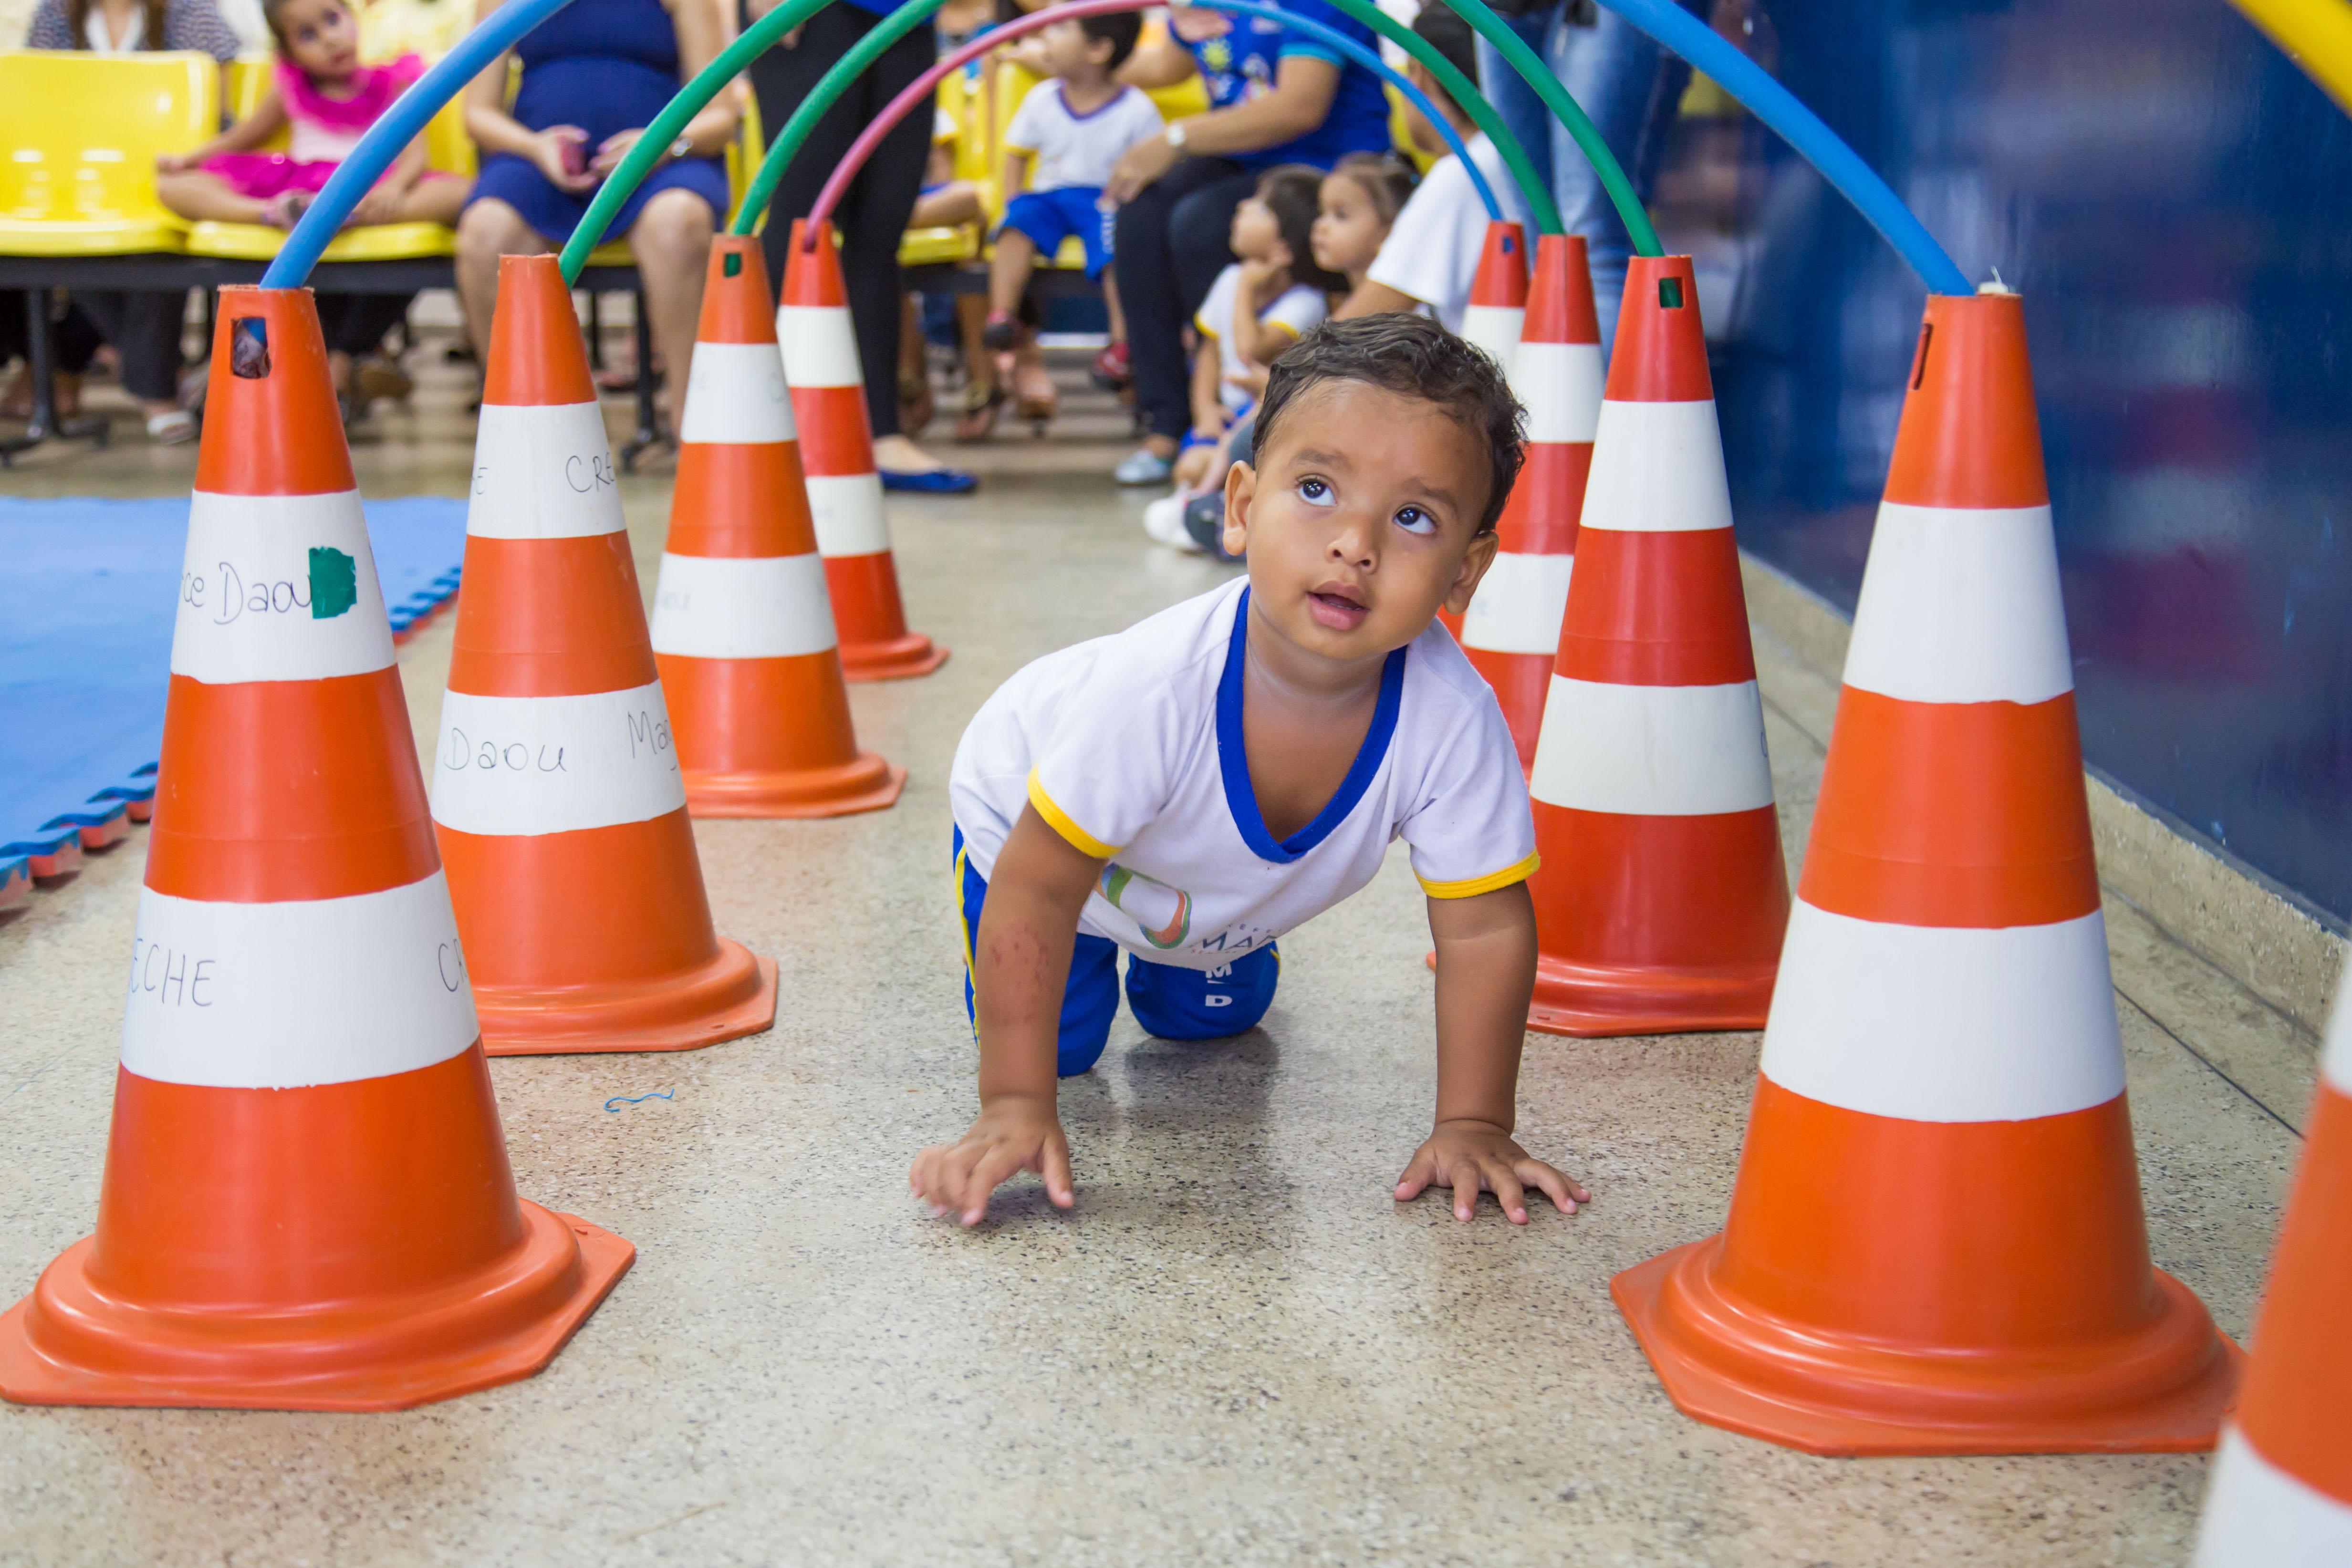 Um garoto pequeno engatinha por baixo de um túnel formado por bambolês e cones.